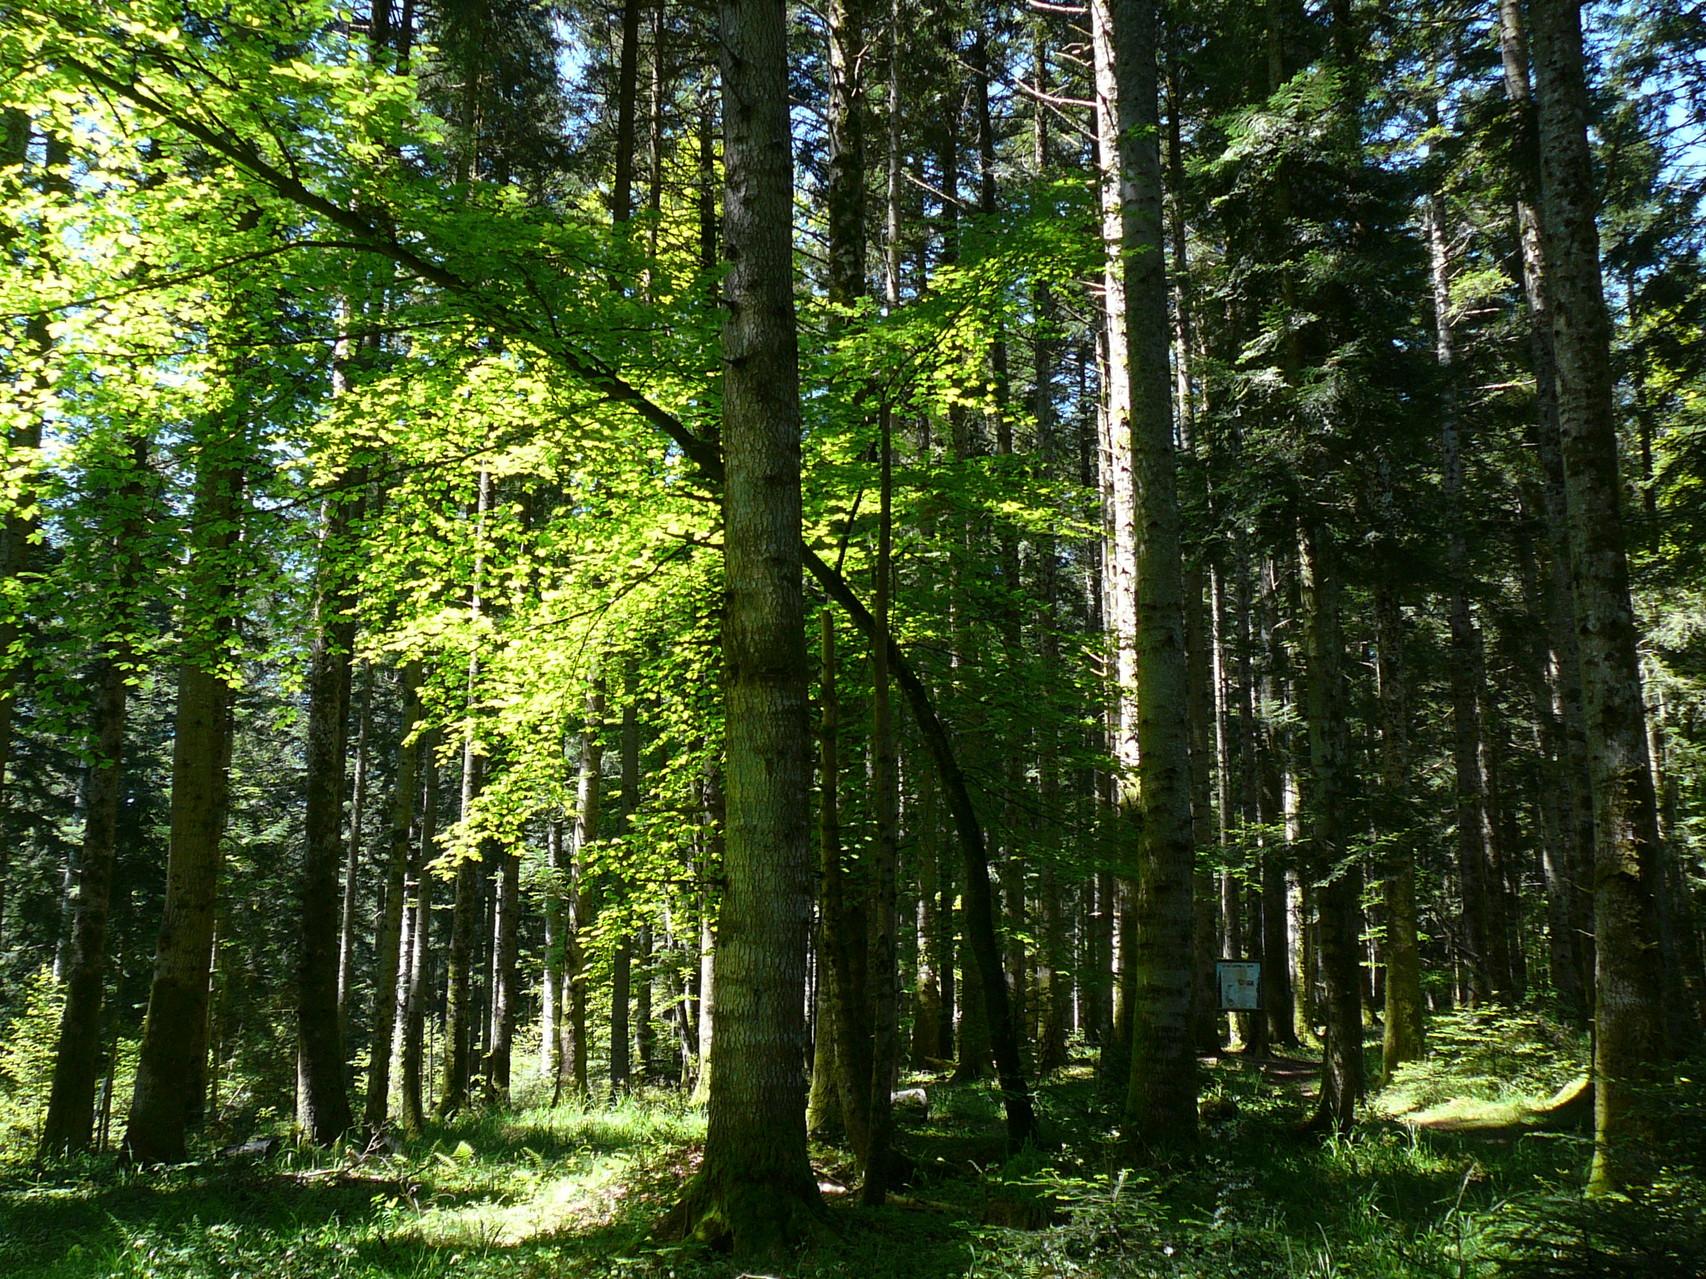 sentier sylvicole de la forêt de Callong